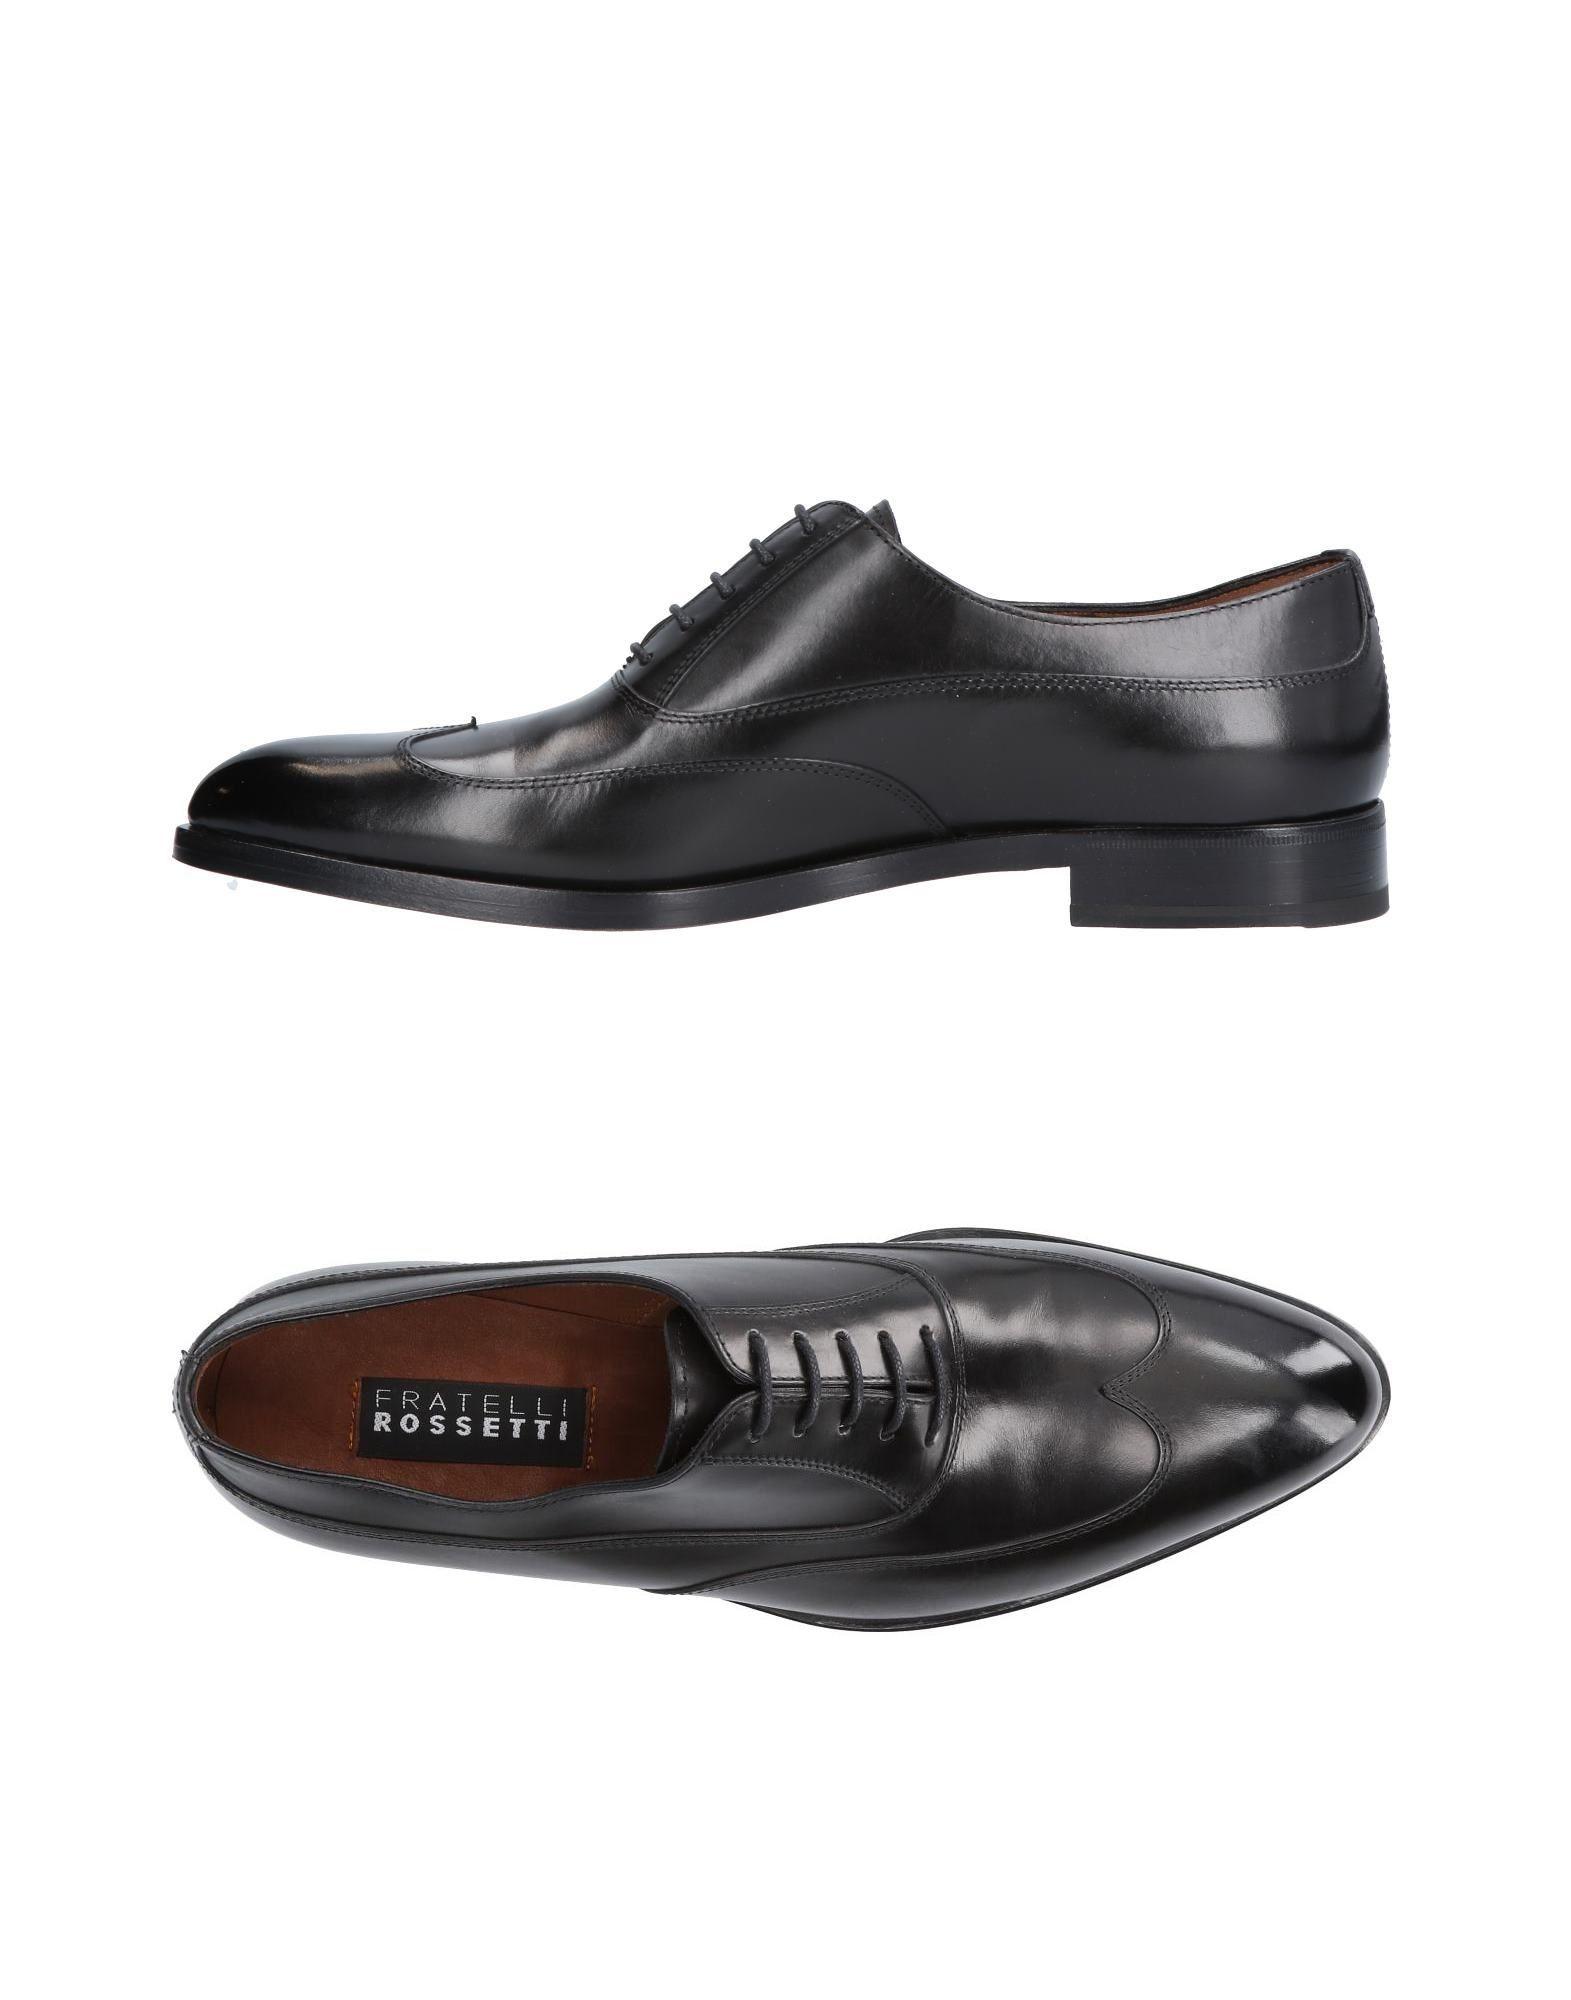 Fratelli Rossetti Schnürschuhe Herren  11440980CB Gute Qualität beliebte Schuhe